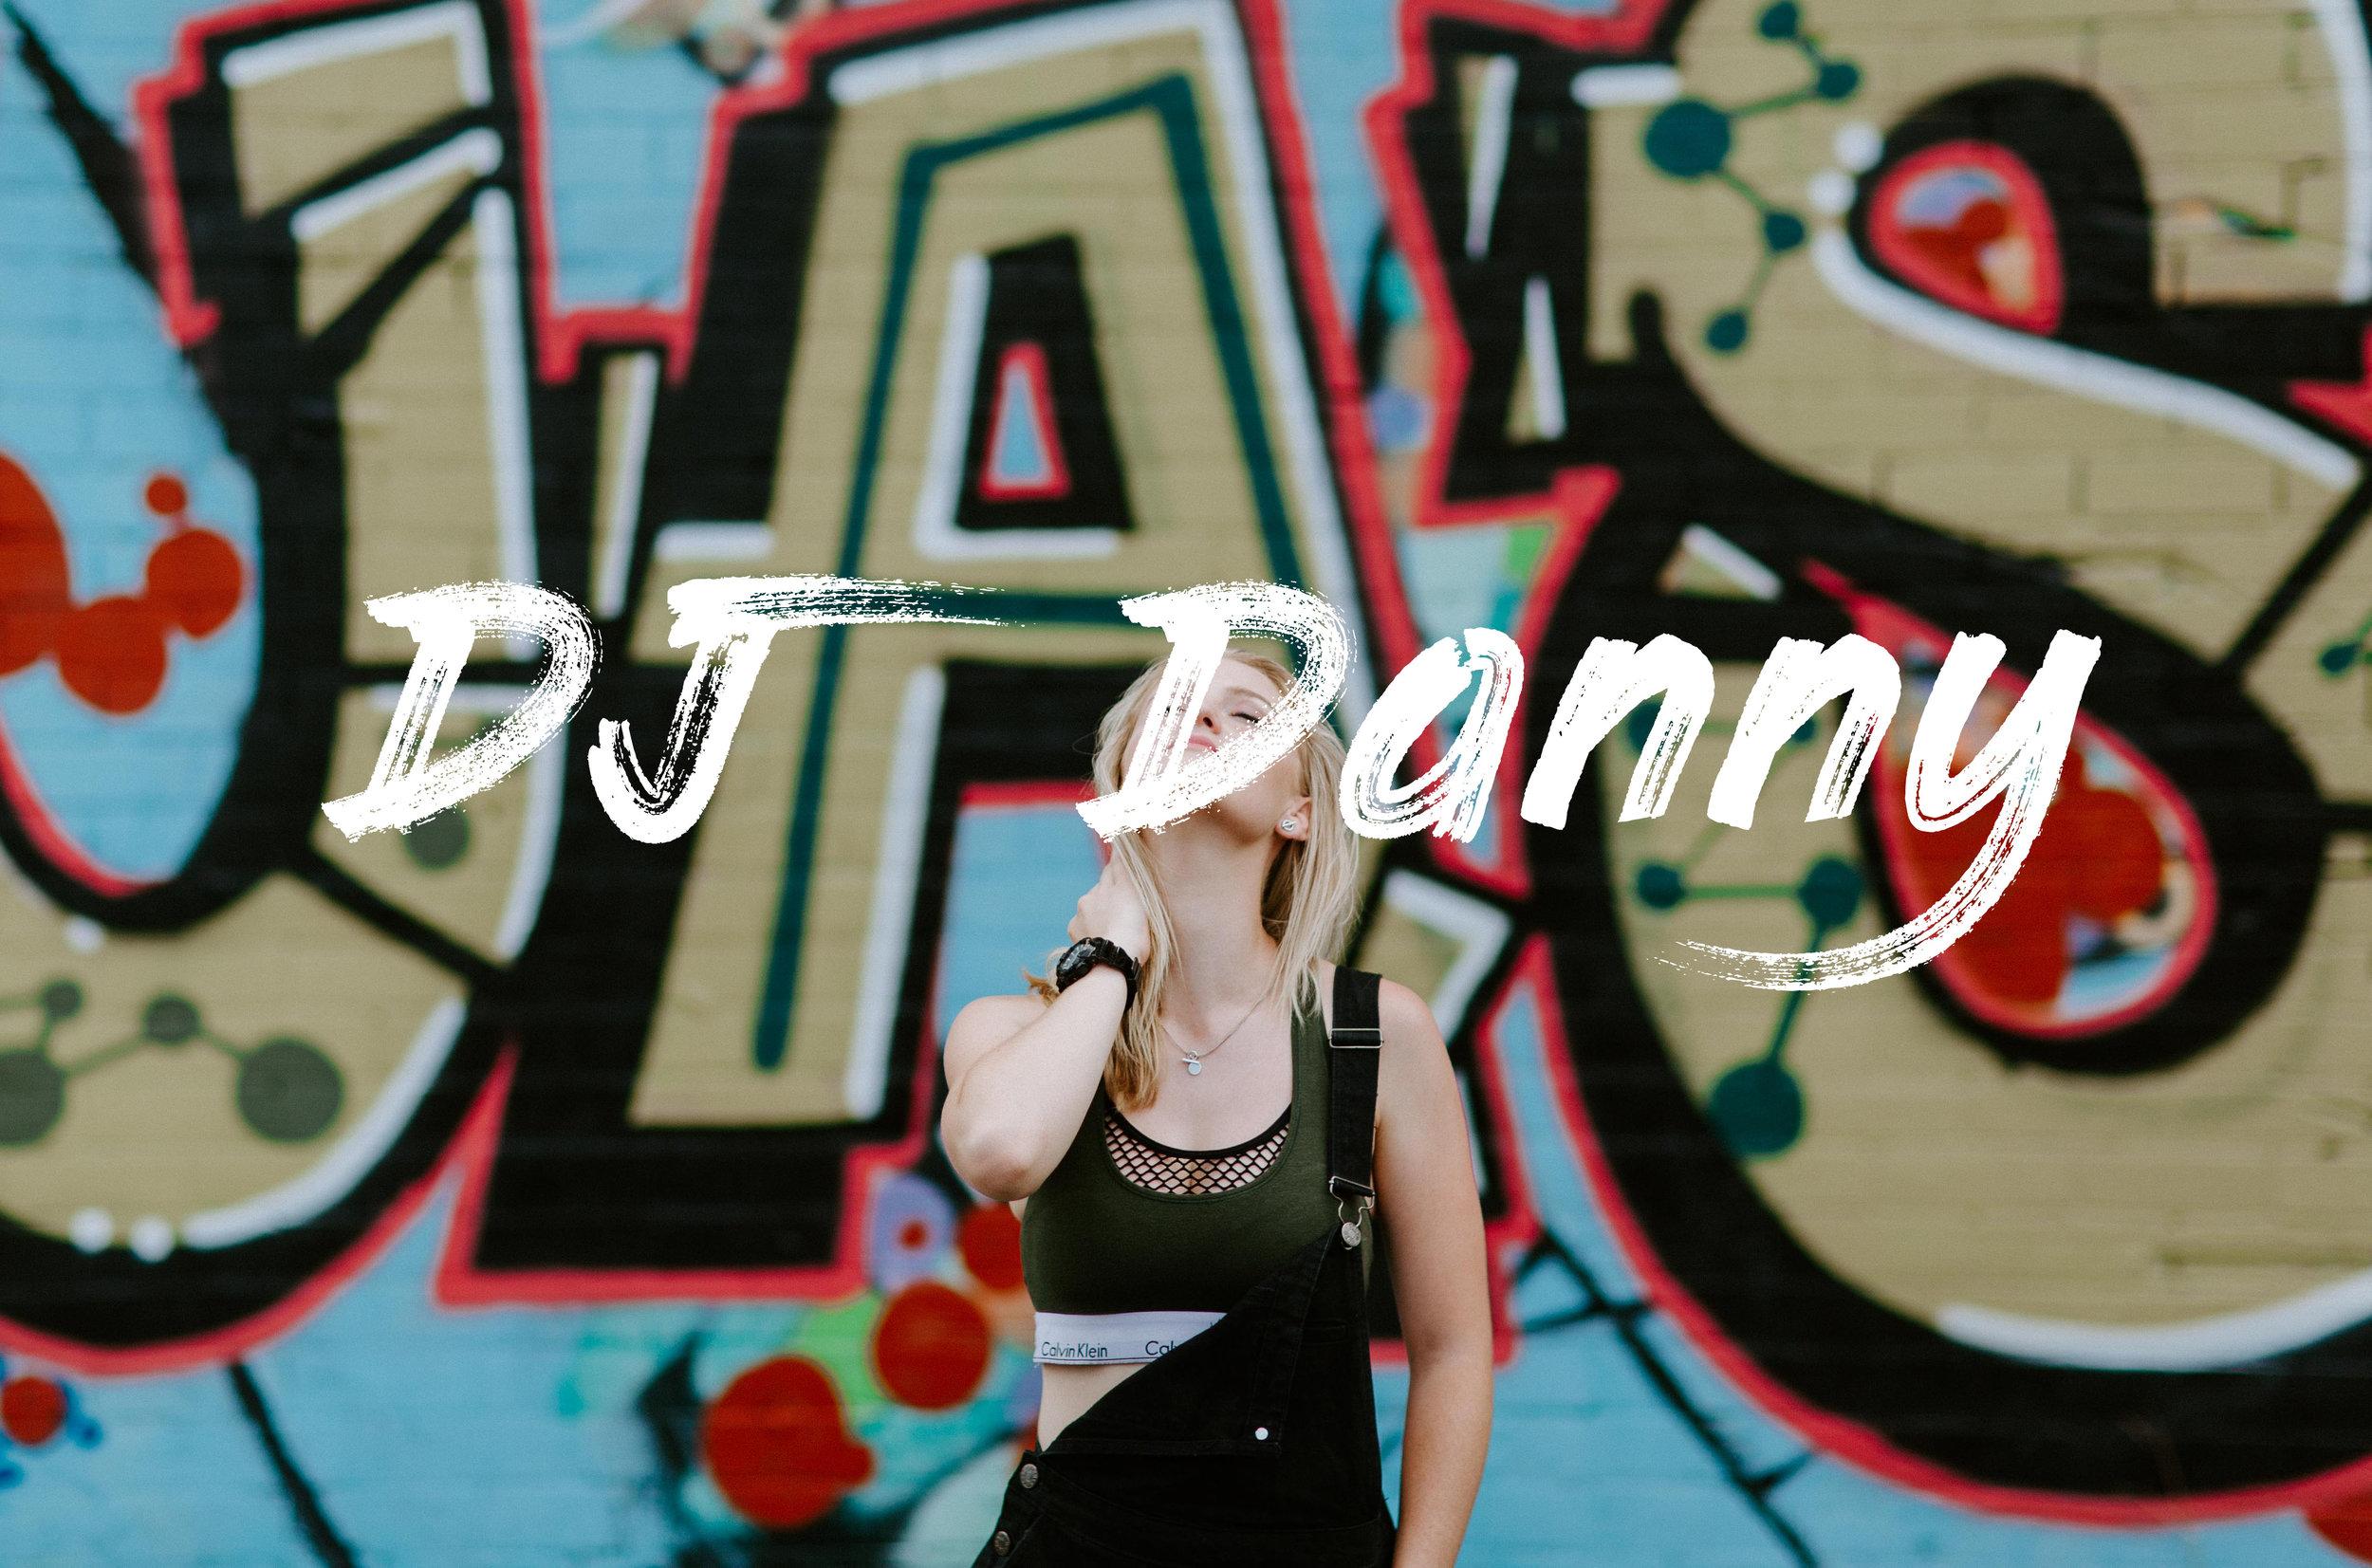 DJDannyThumbnail.jpg